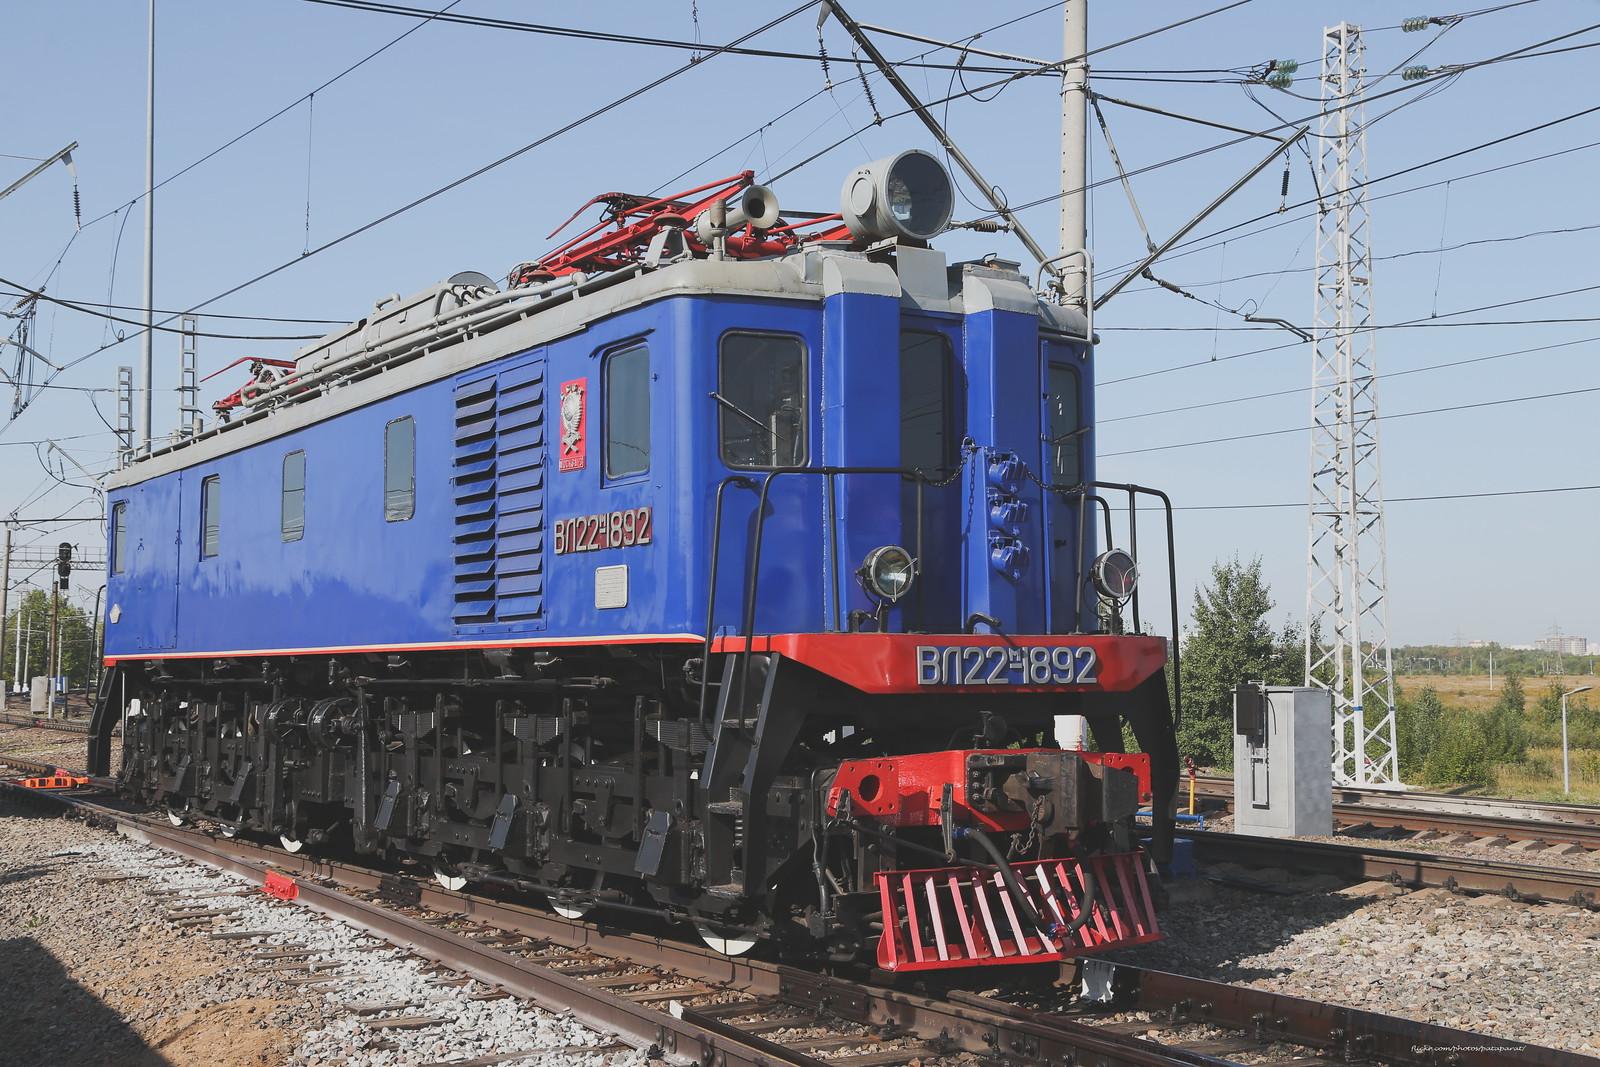 BO0O5202